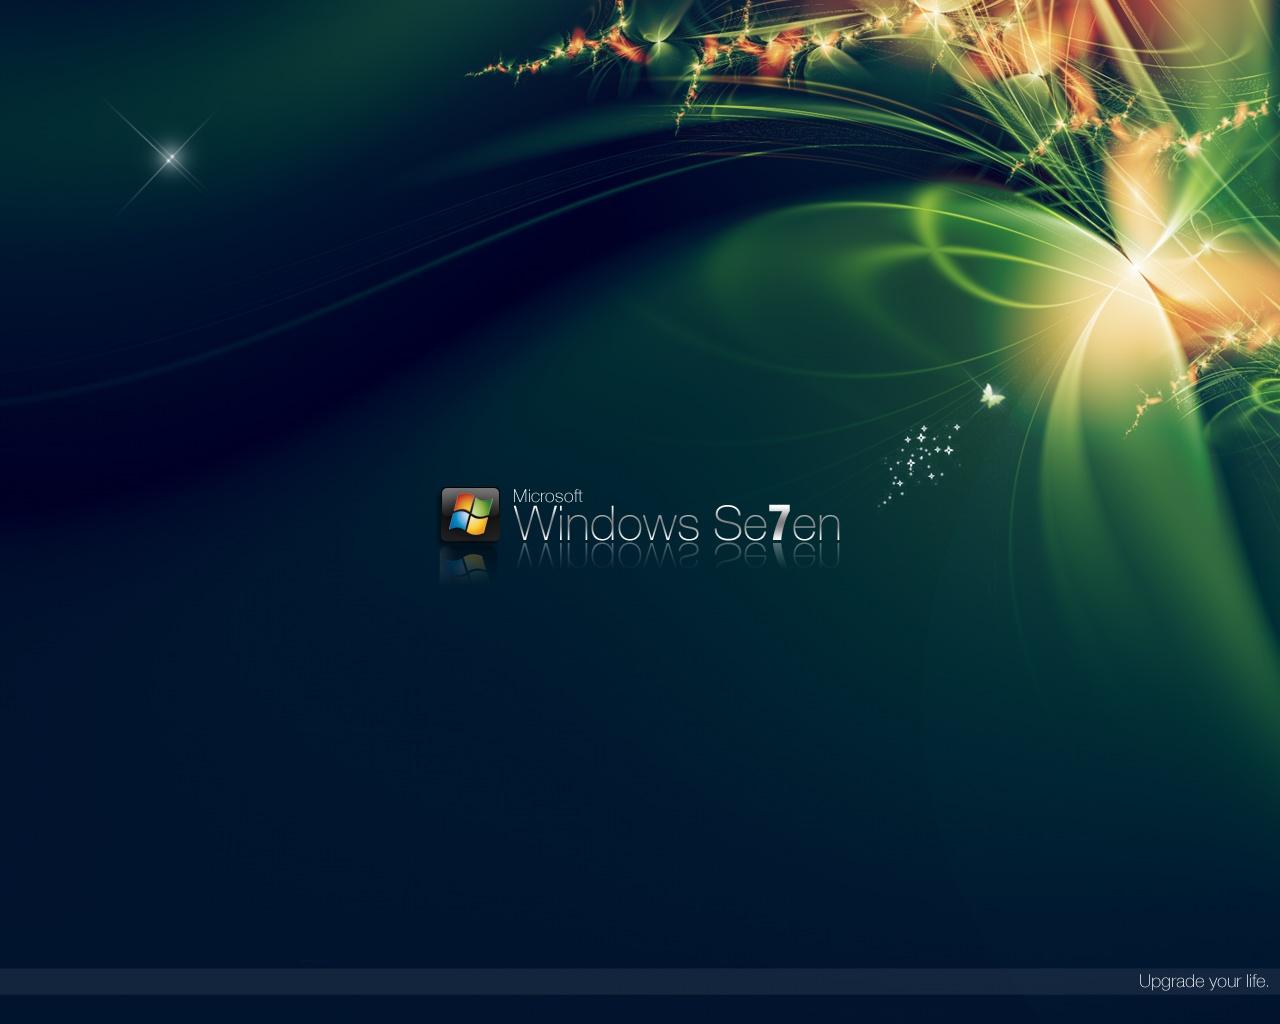 マイクロソフト Windows 7